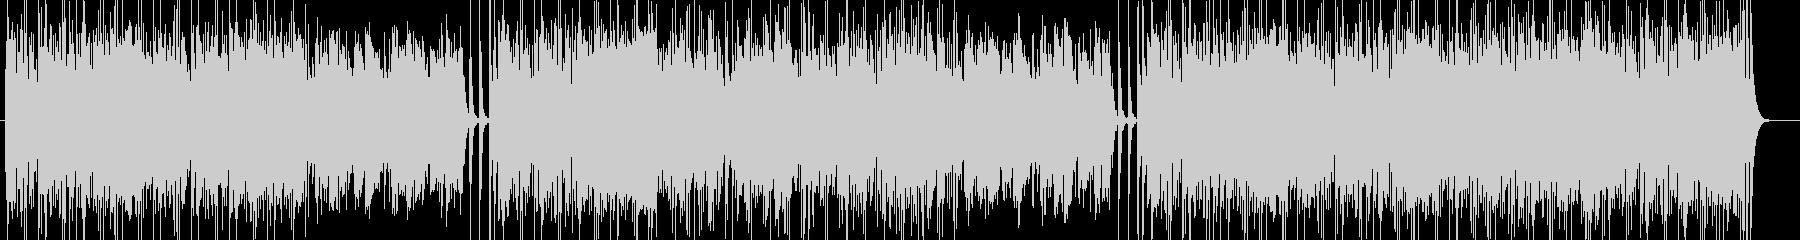 軽快なリズムのストリングス曲の未再生の波形